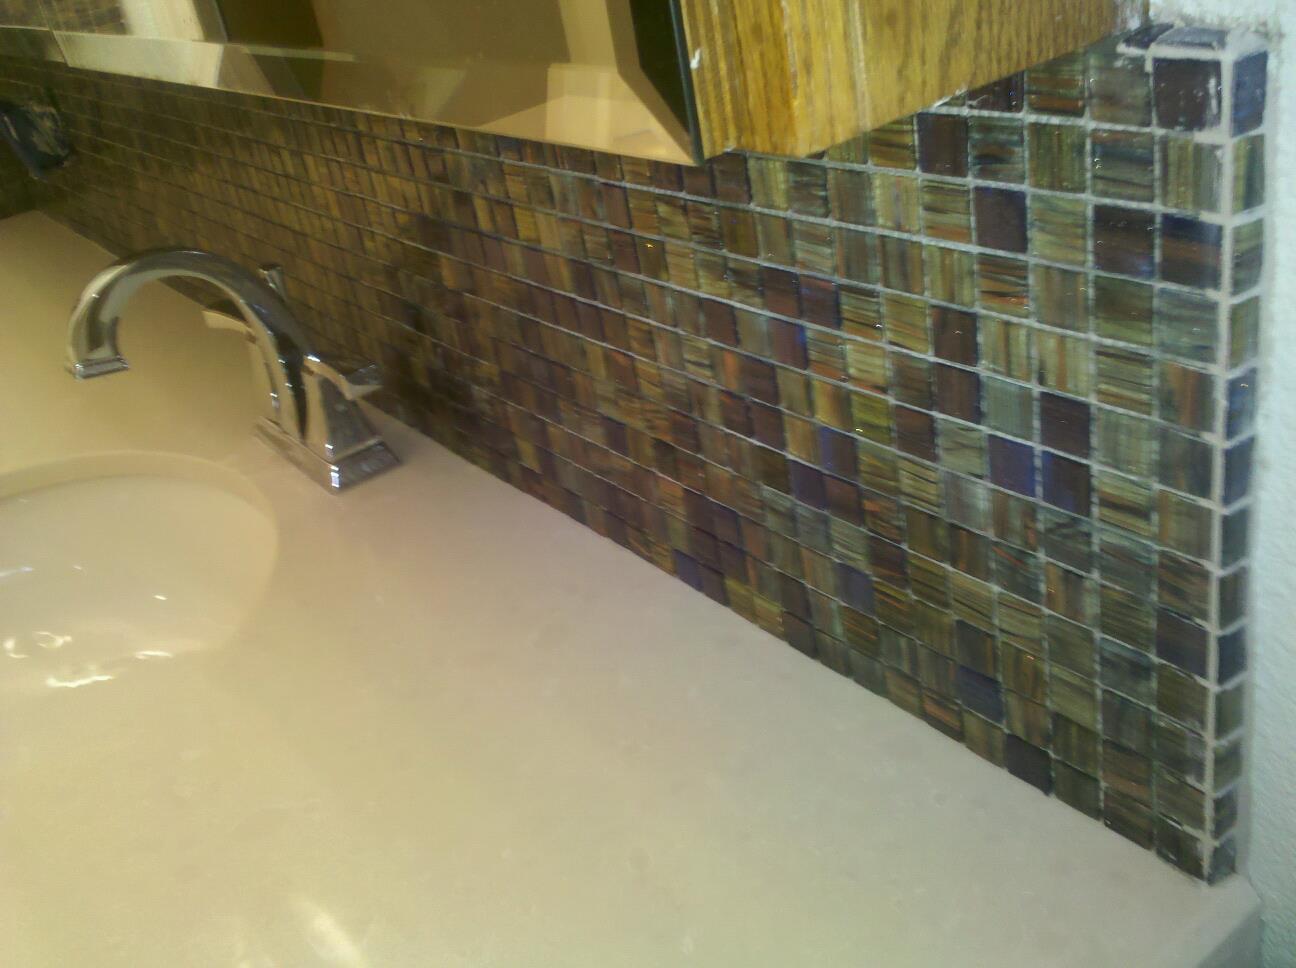 qt 39 s random ramblings bathroom reno pictures